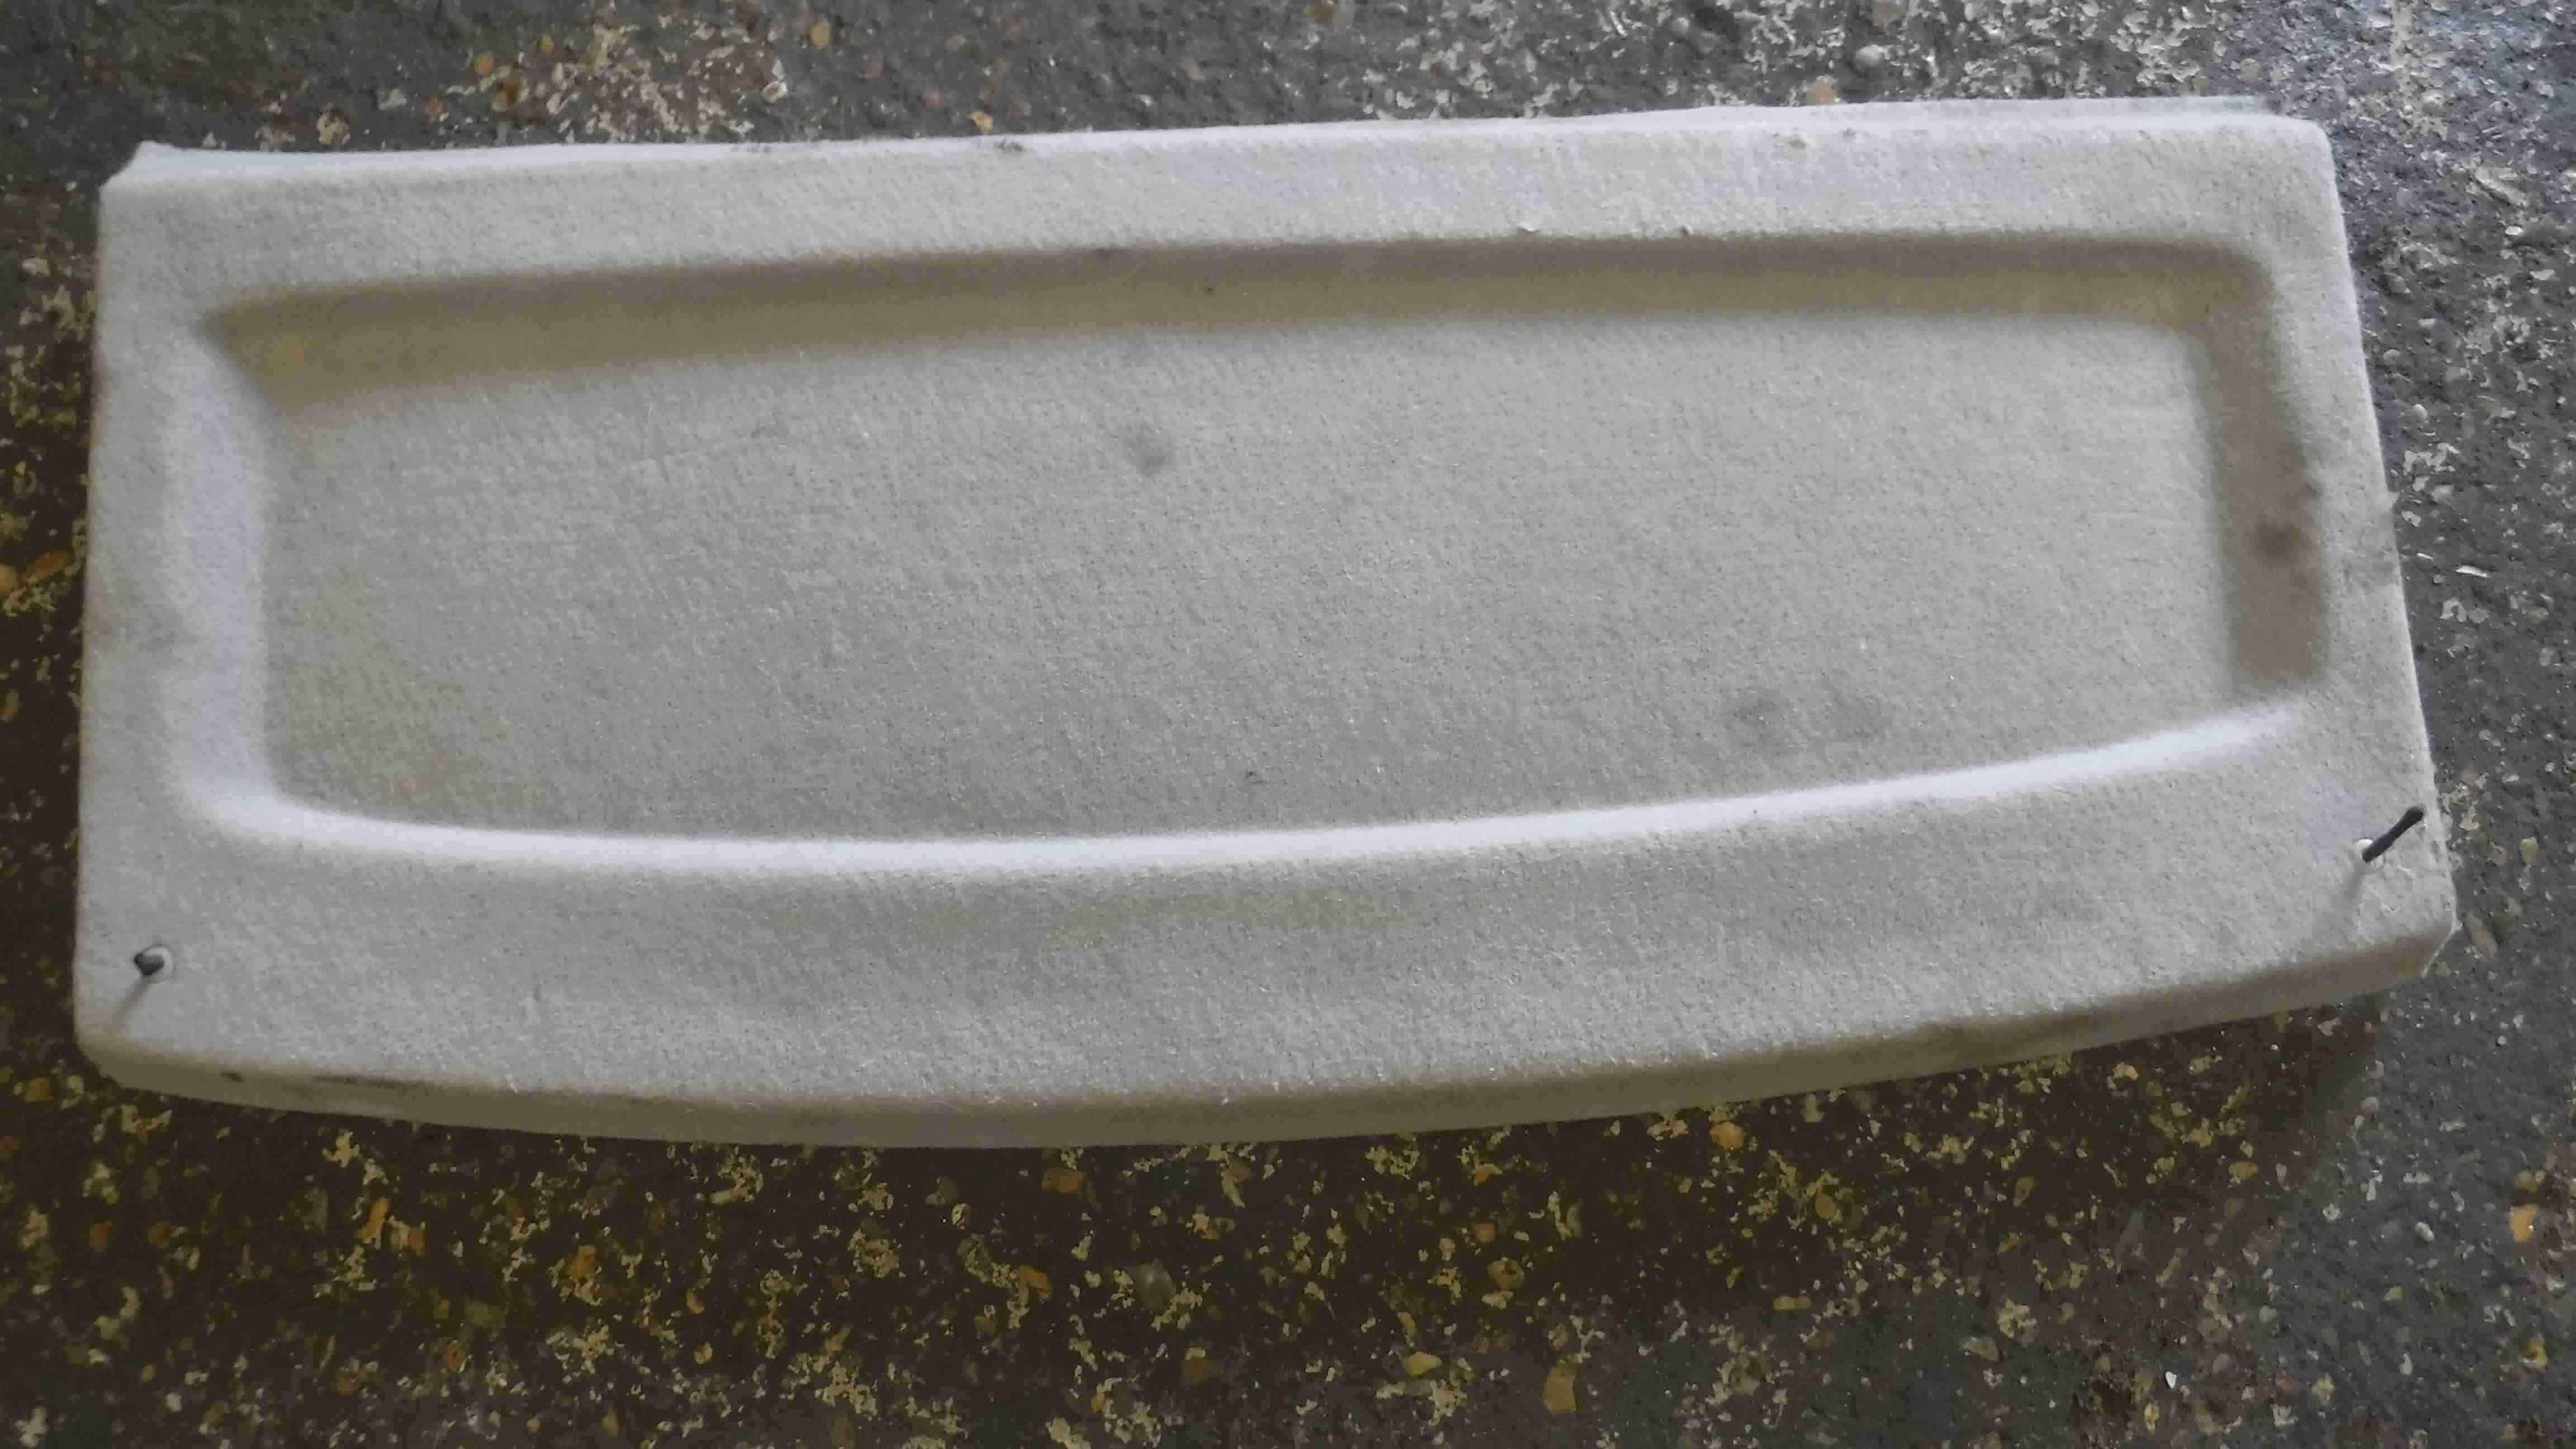 Volkswagen Polo 9N 2003-2006 Rear Parcel Shelf